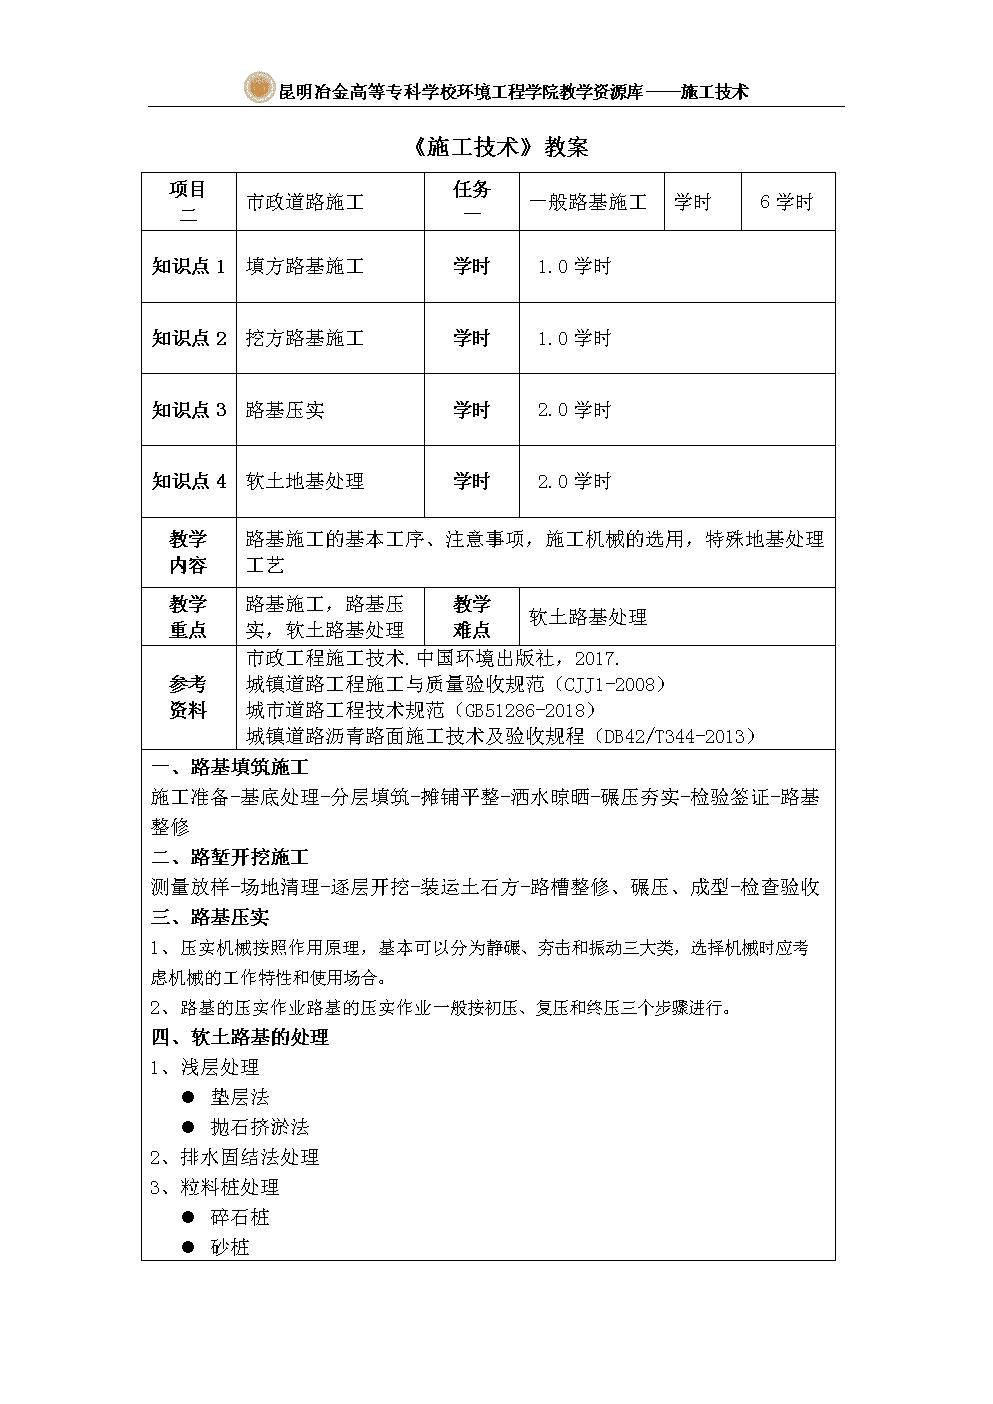 施工技术 一般路基施工 2.2-教案-一般路基施工.doc